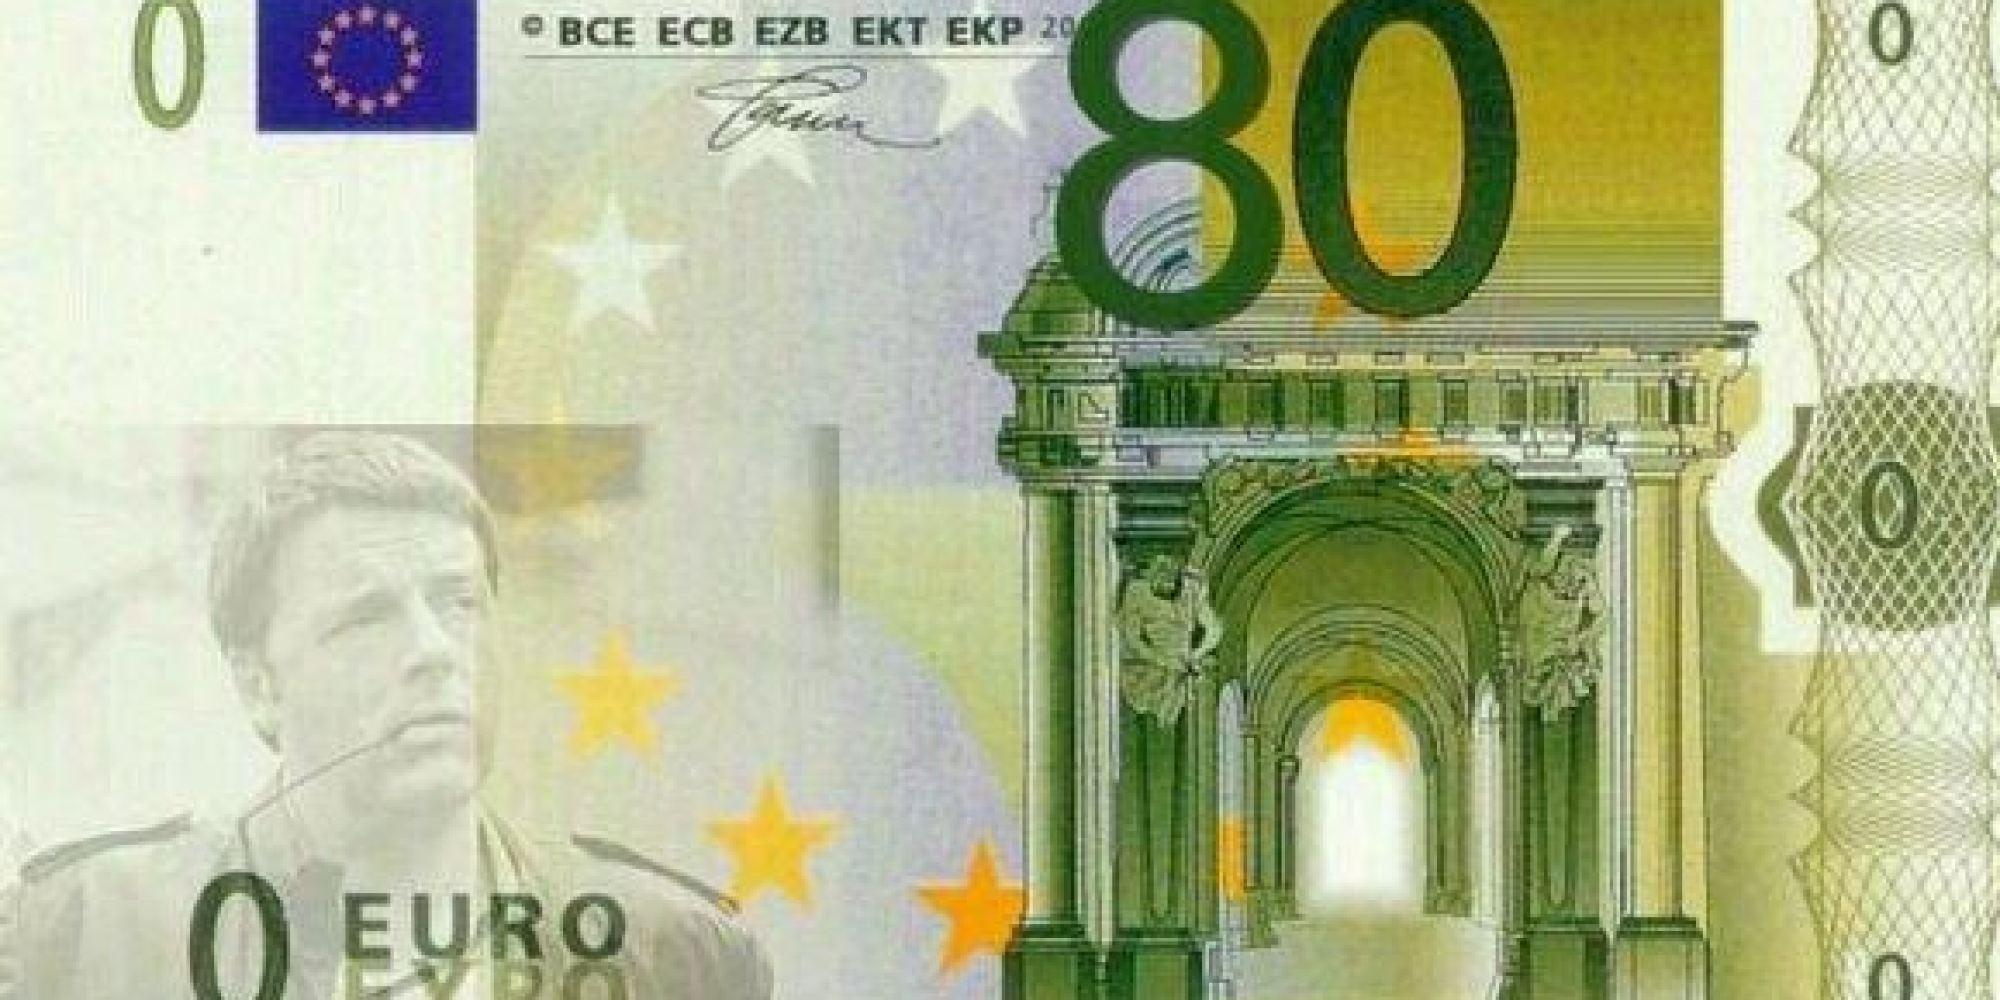 Decreto IRPEF: dubbi sul bonus da 80 euro